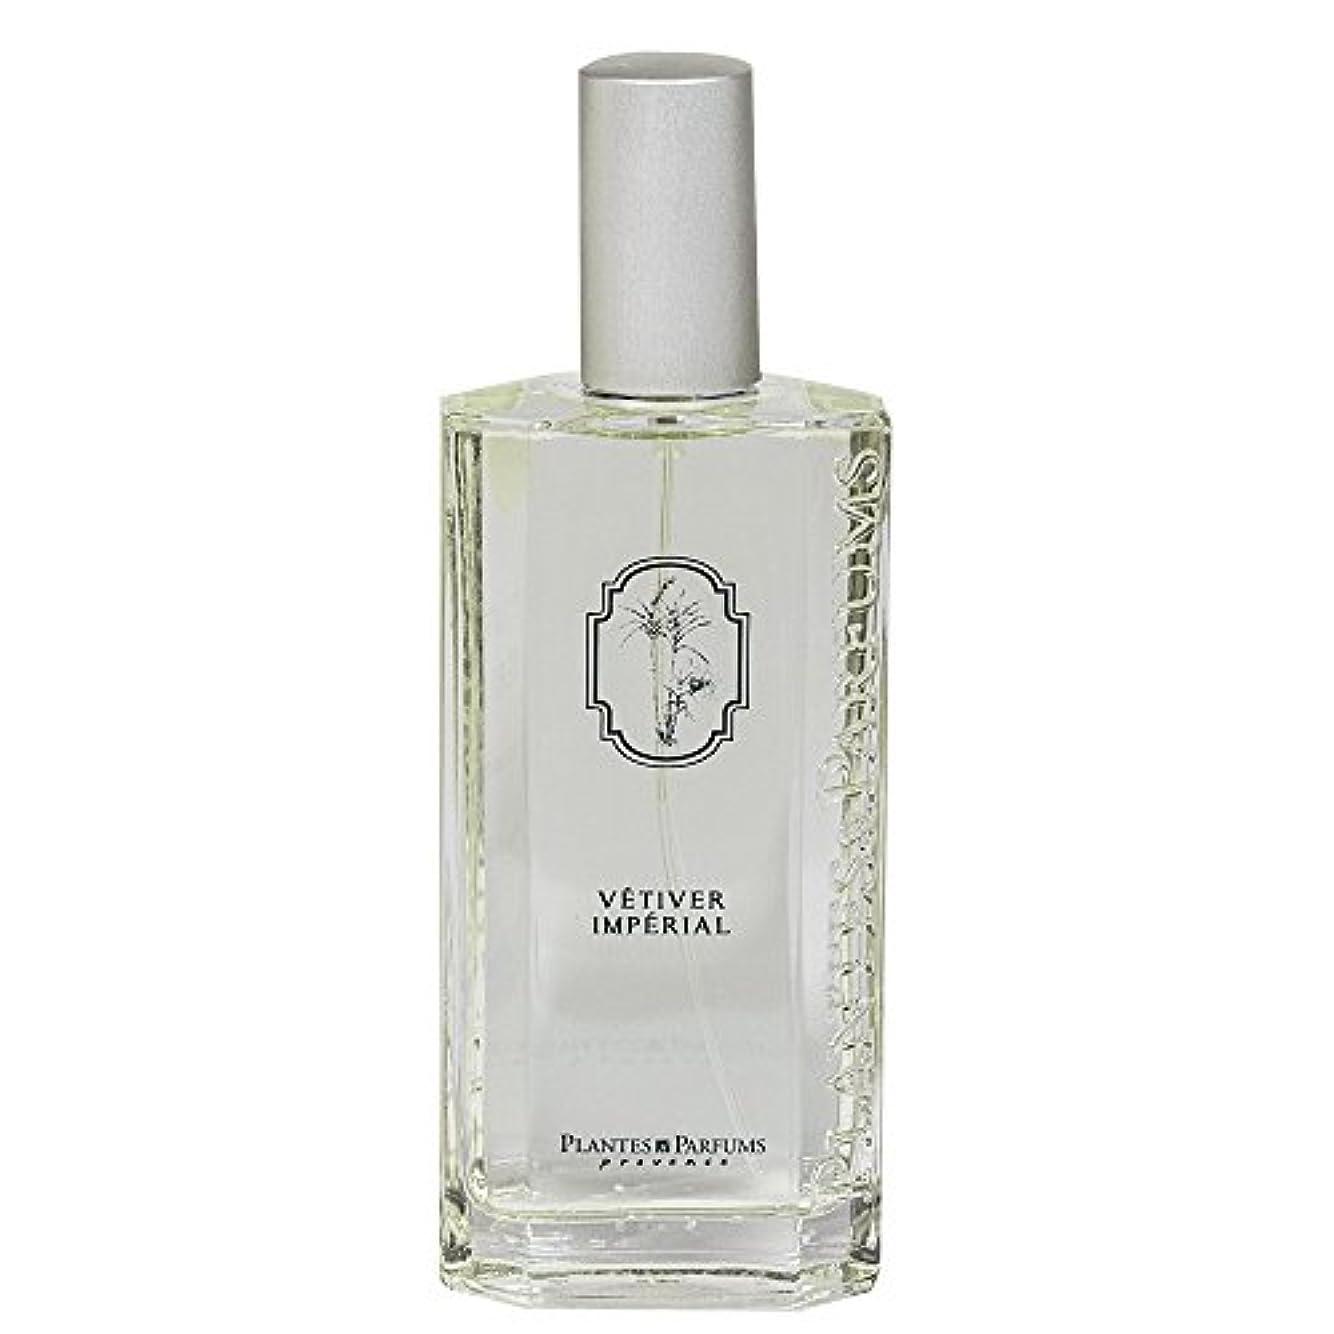 マーチャンダイジング教義統治するPlantes&Parfums[プランツ&パルファム] オードトワレ インペリアルベチバー